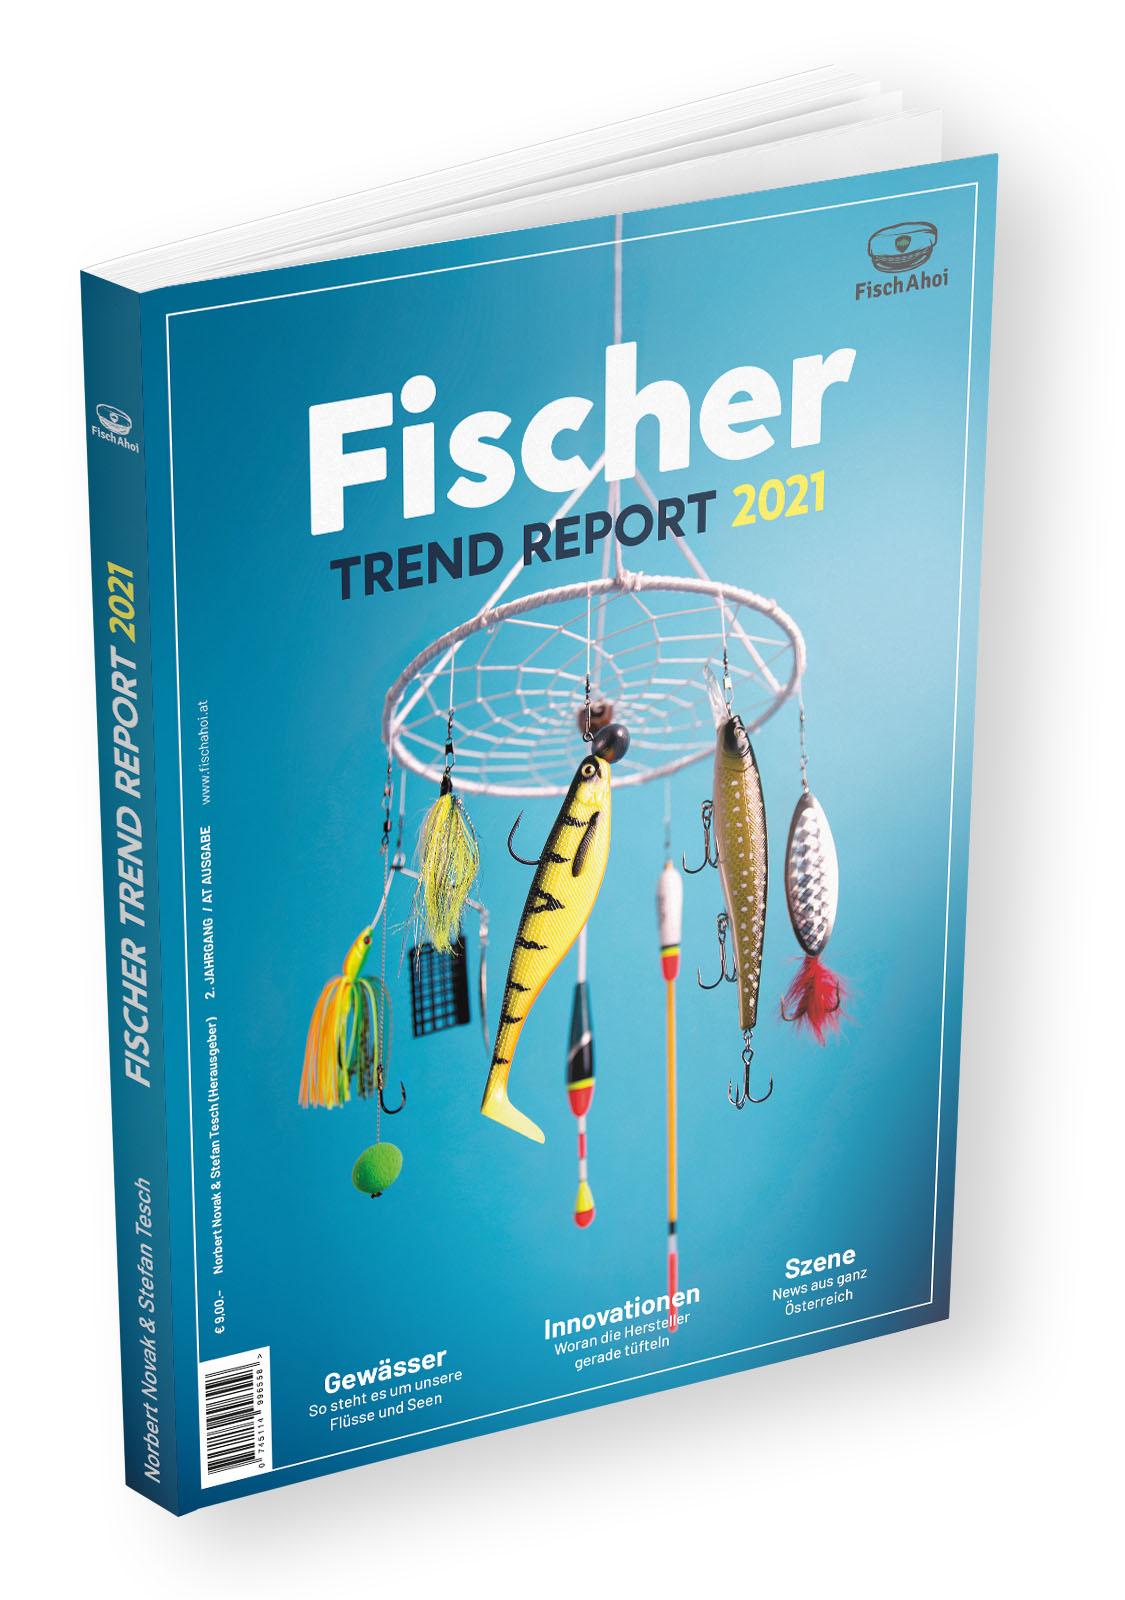 Fischer Trend Report 2021